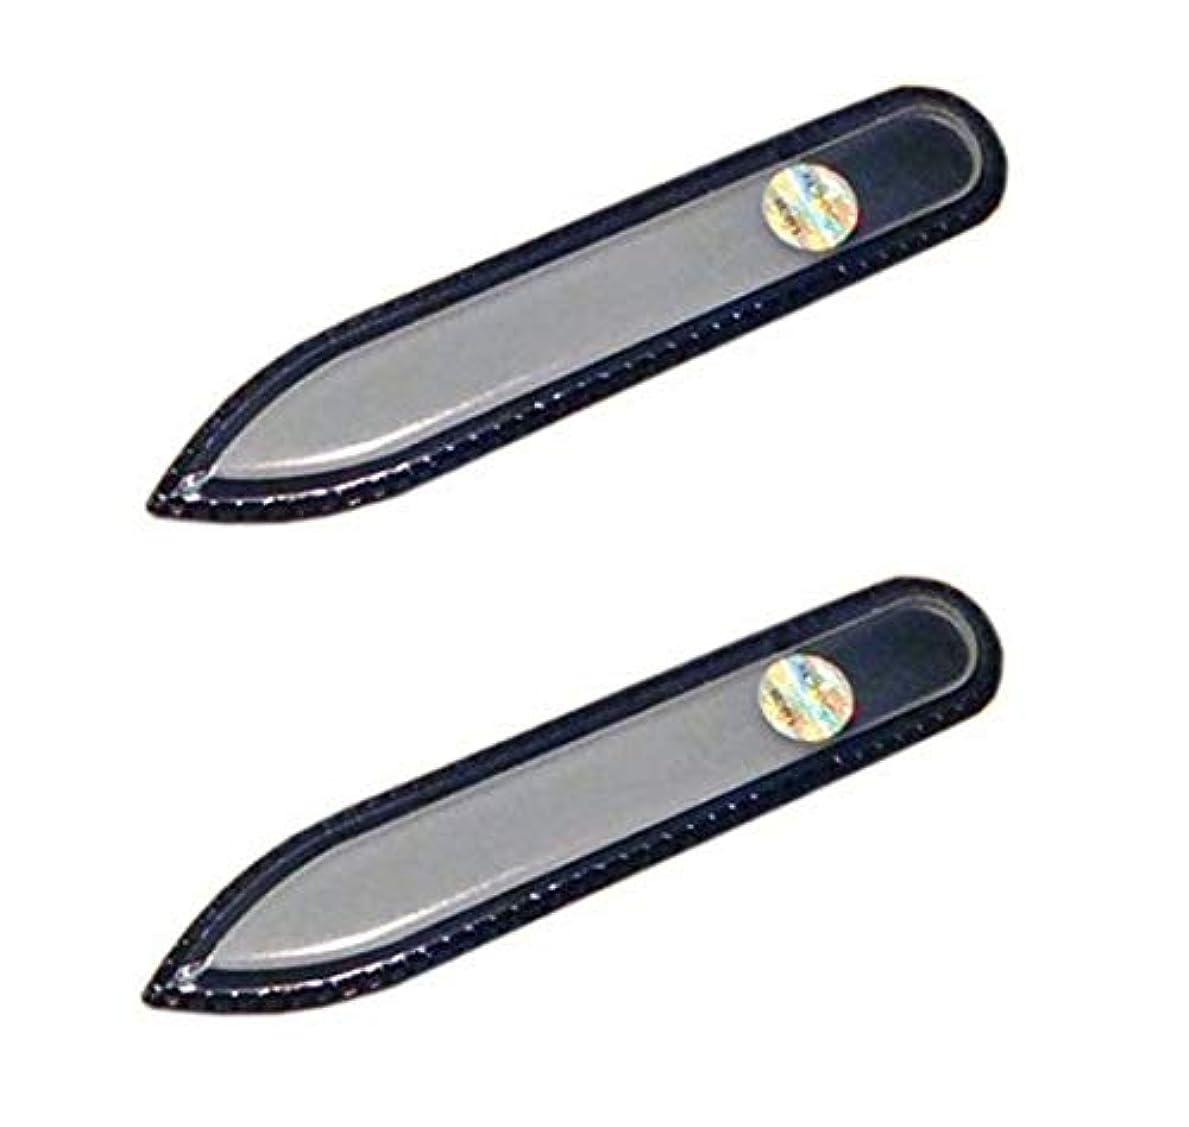 レイア許さない無視するブラジェク ガラス爪やすり 90mm 両面タイプ (ブラジェク ガラス爪やすり 90mm 両面タイプ 2個セット)